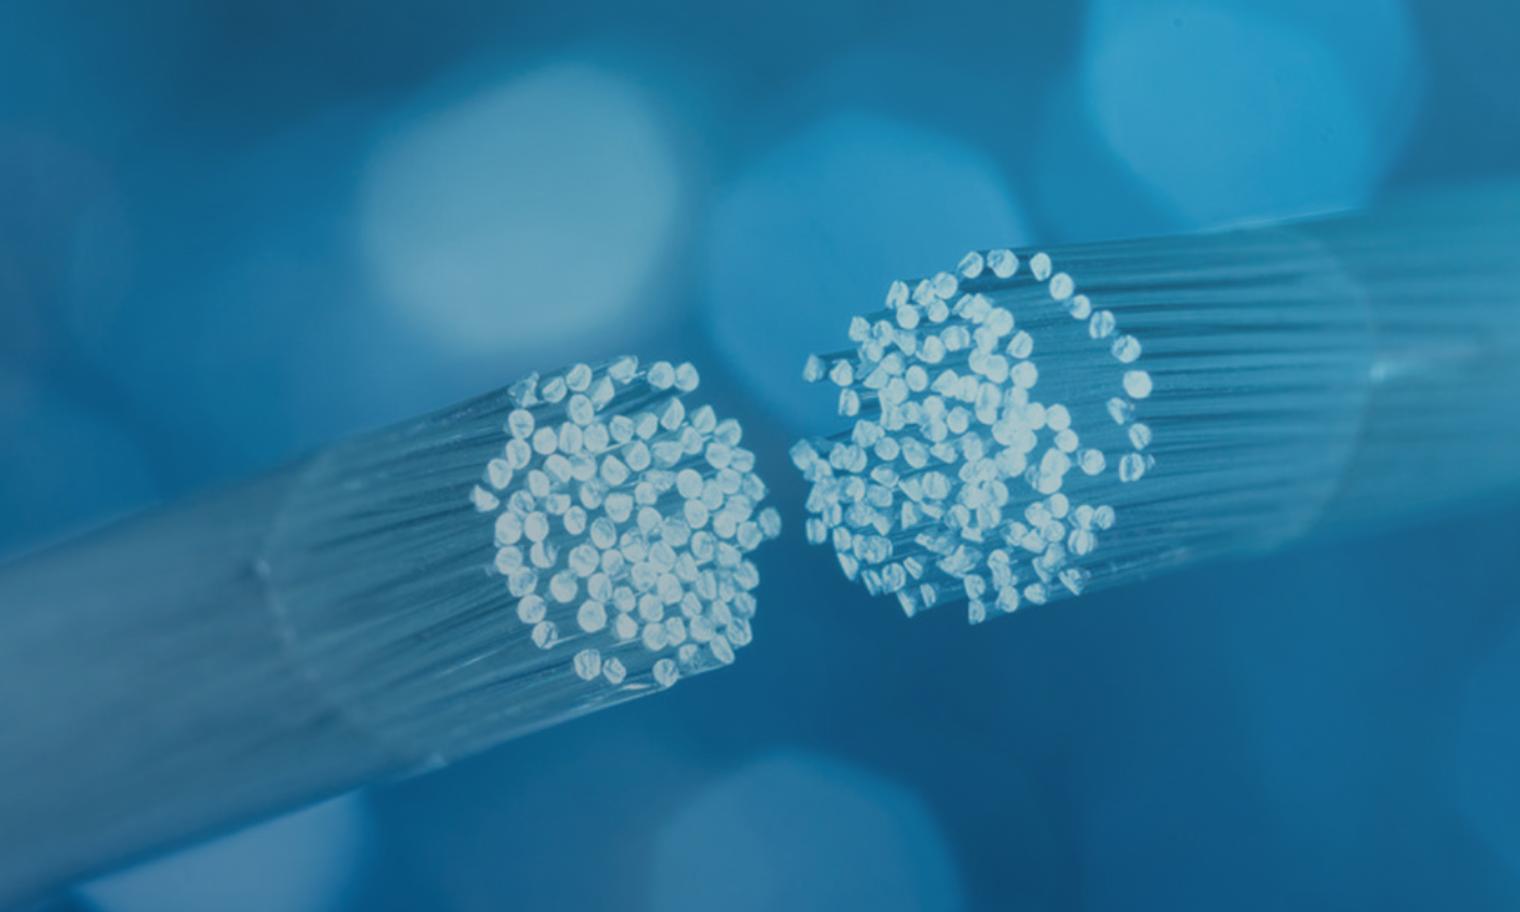 Qué hay detrás de la fibra óptica - Blog Visionarios by Verne Technology Group